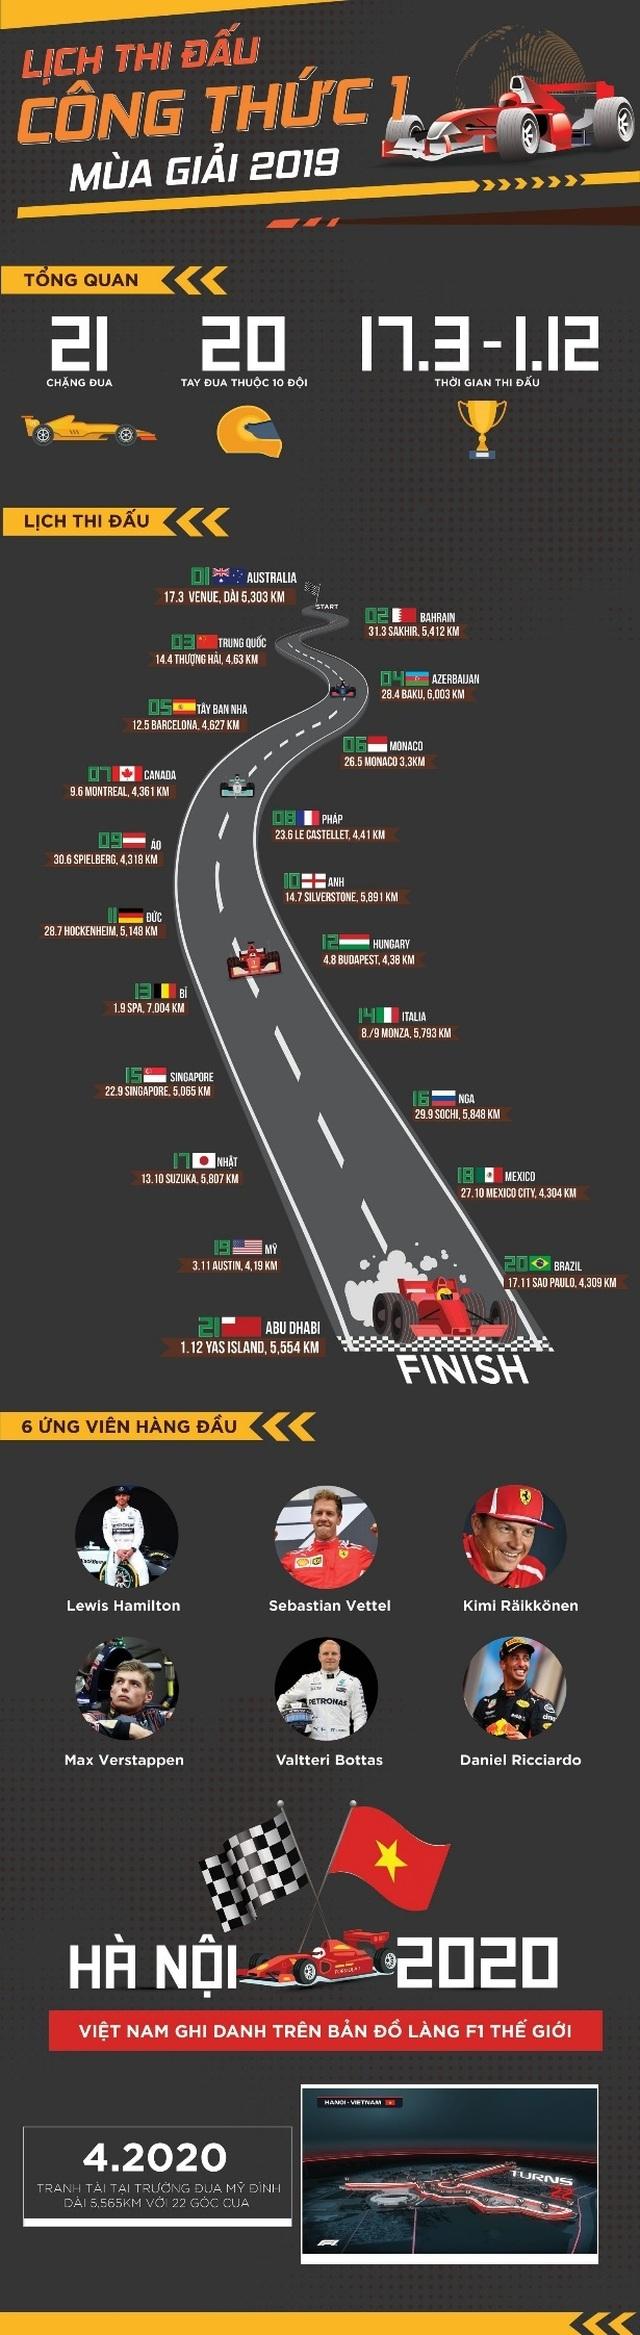 F1 trước ngày khai màn:  Những điểm đáng chú ý ở giải đua tỷ đô sắp đến Việt Nam - 1